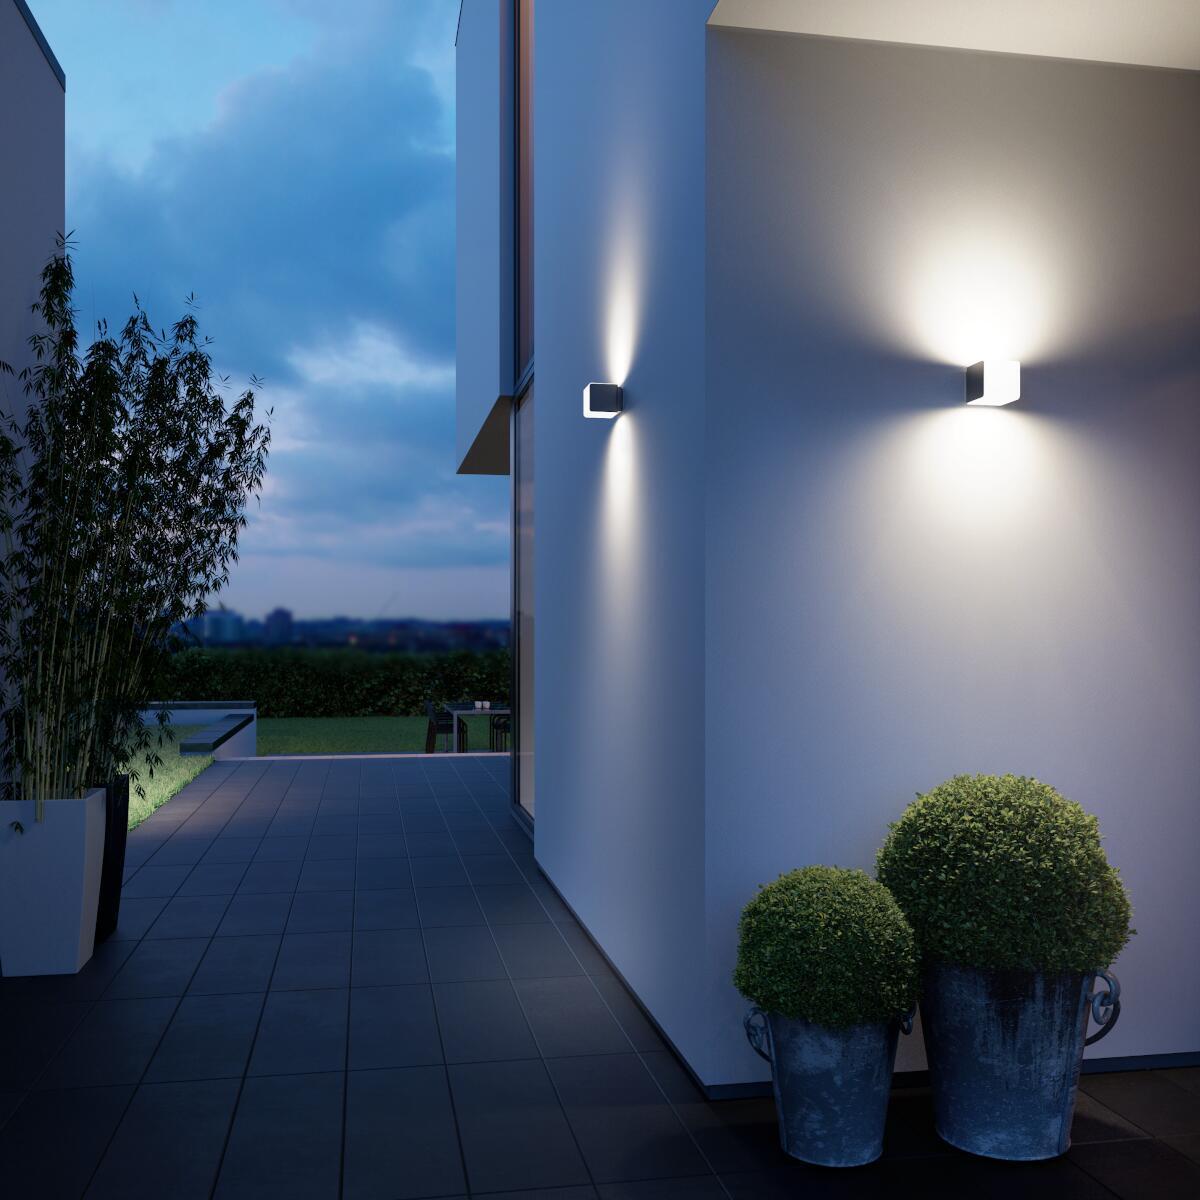 Applique L 830 LED integrato con sensore di movimento, grigio, 9.5W 502LM IP44 STEINEL - 3